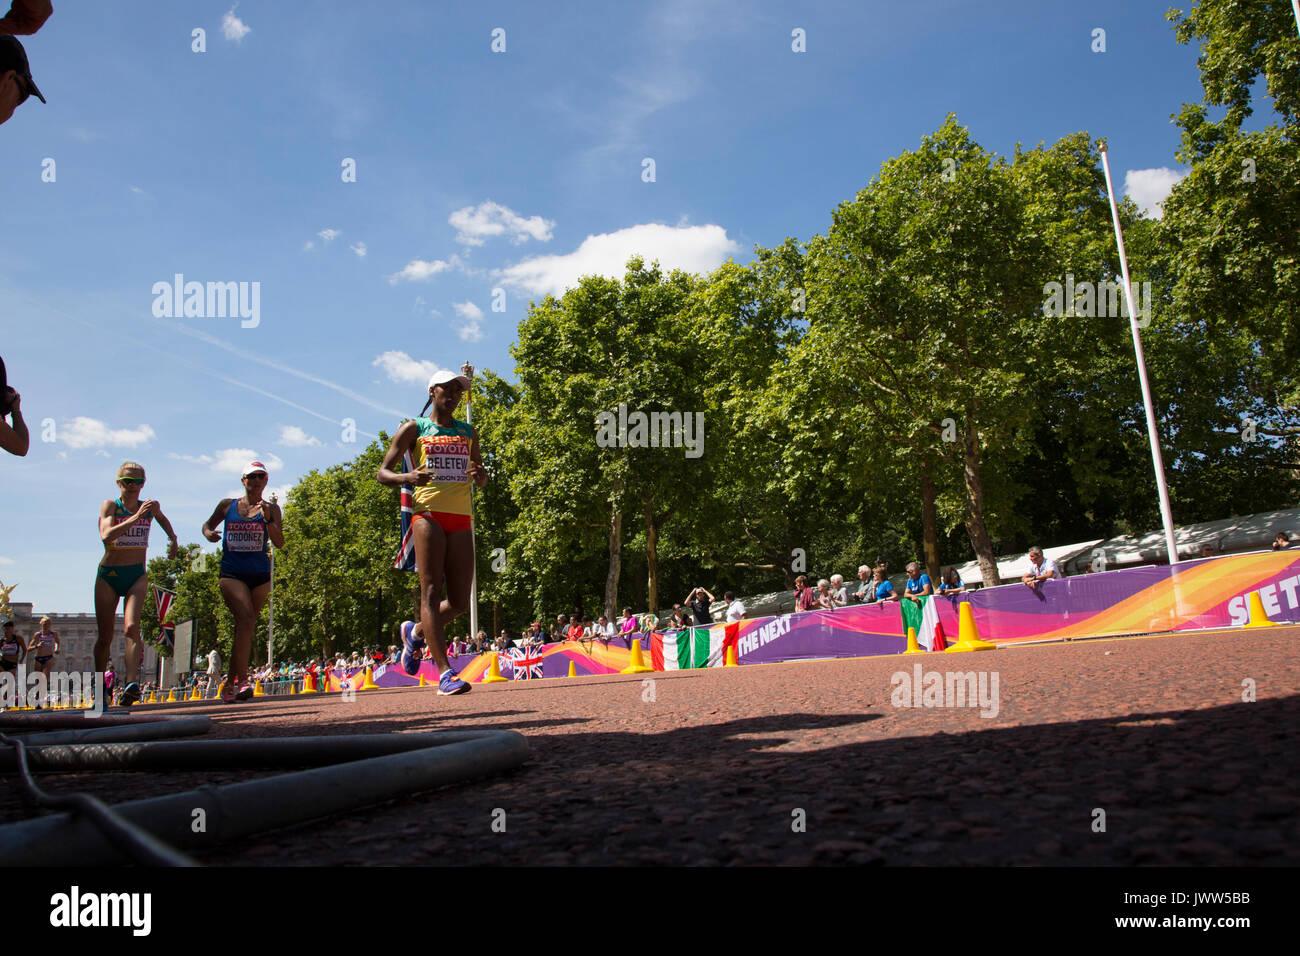 London, Großbritannien. August 13, 2017. 20 k Frauen Rennen Spaziergang bei IAAF Weltmeisterschaften in London, Großbritannien, am 13. August 2017. Das Rennen fand auf der Mall, die malerische Straße in London statt und lockte Tausende Zuschauer. Credit: Dominika Zarzycka/Alamy leben Nachrichten Stockbild